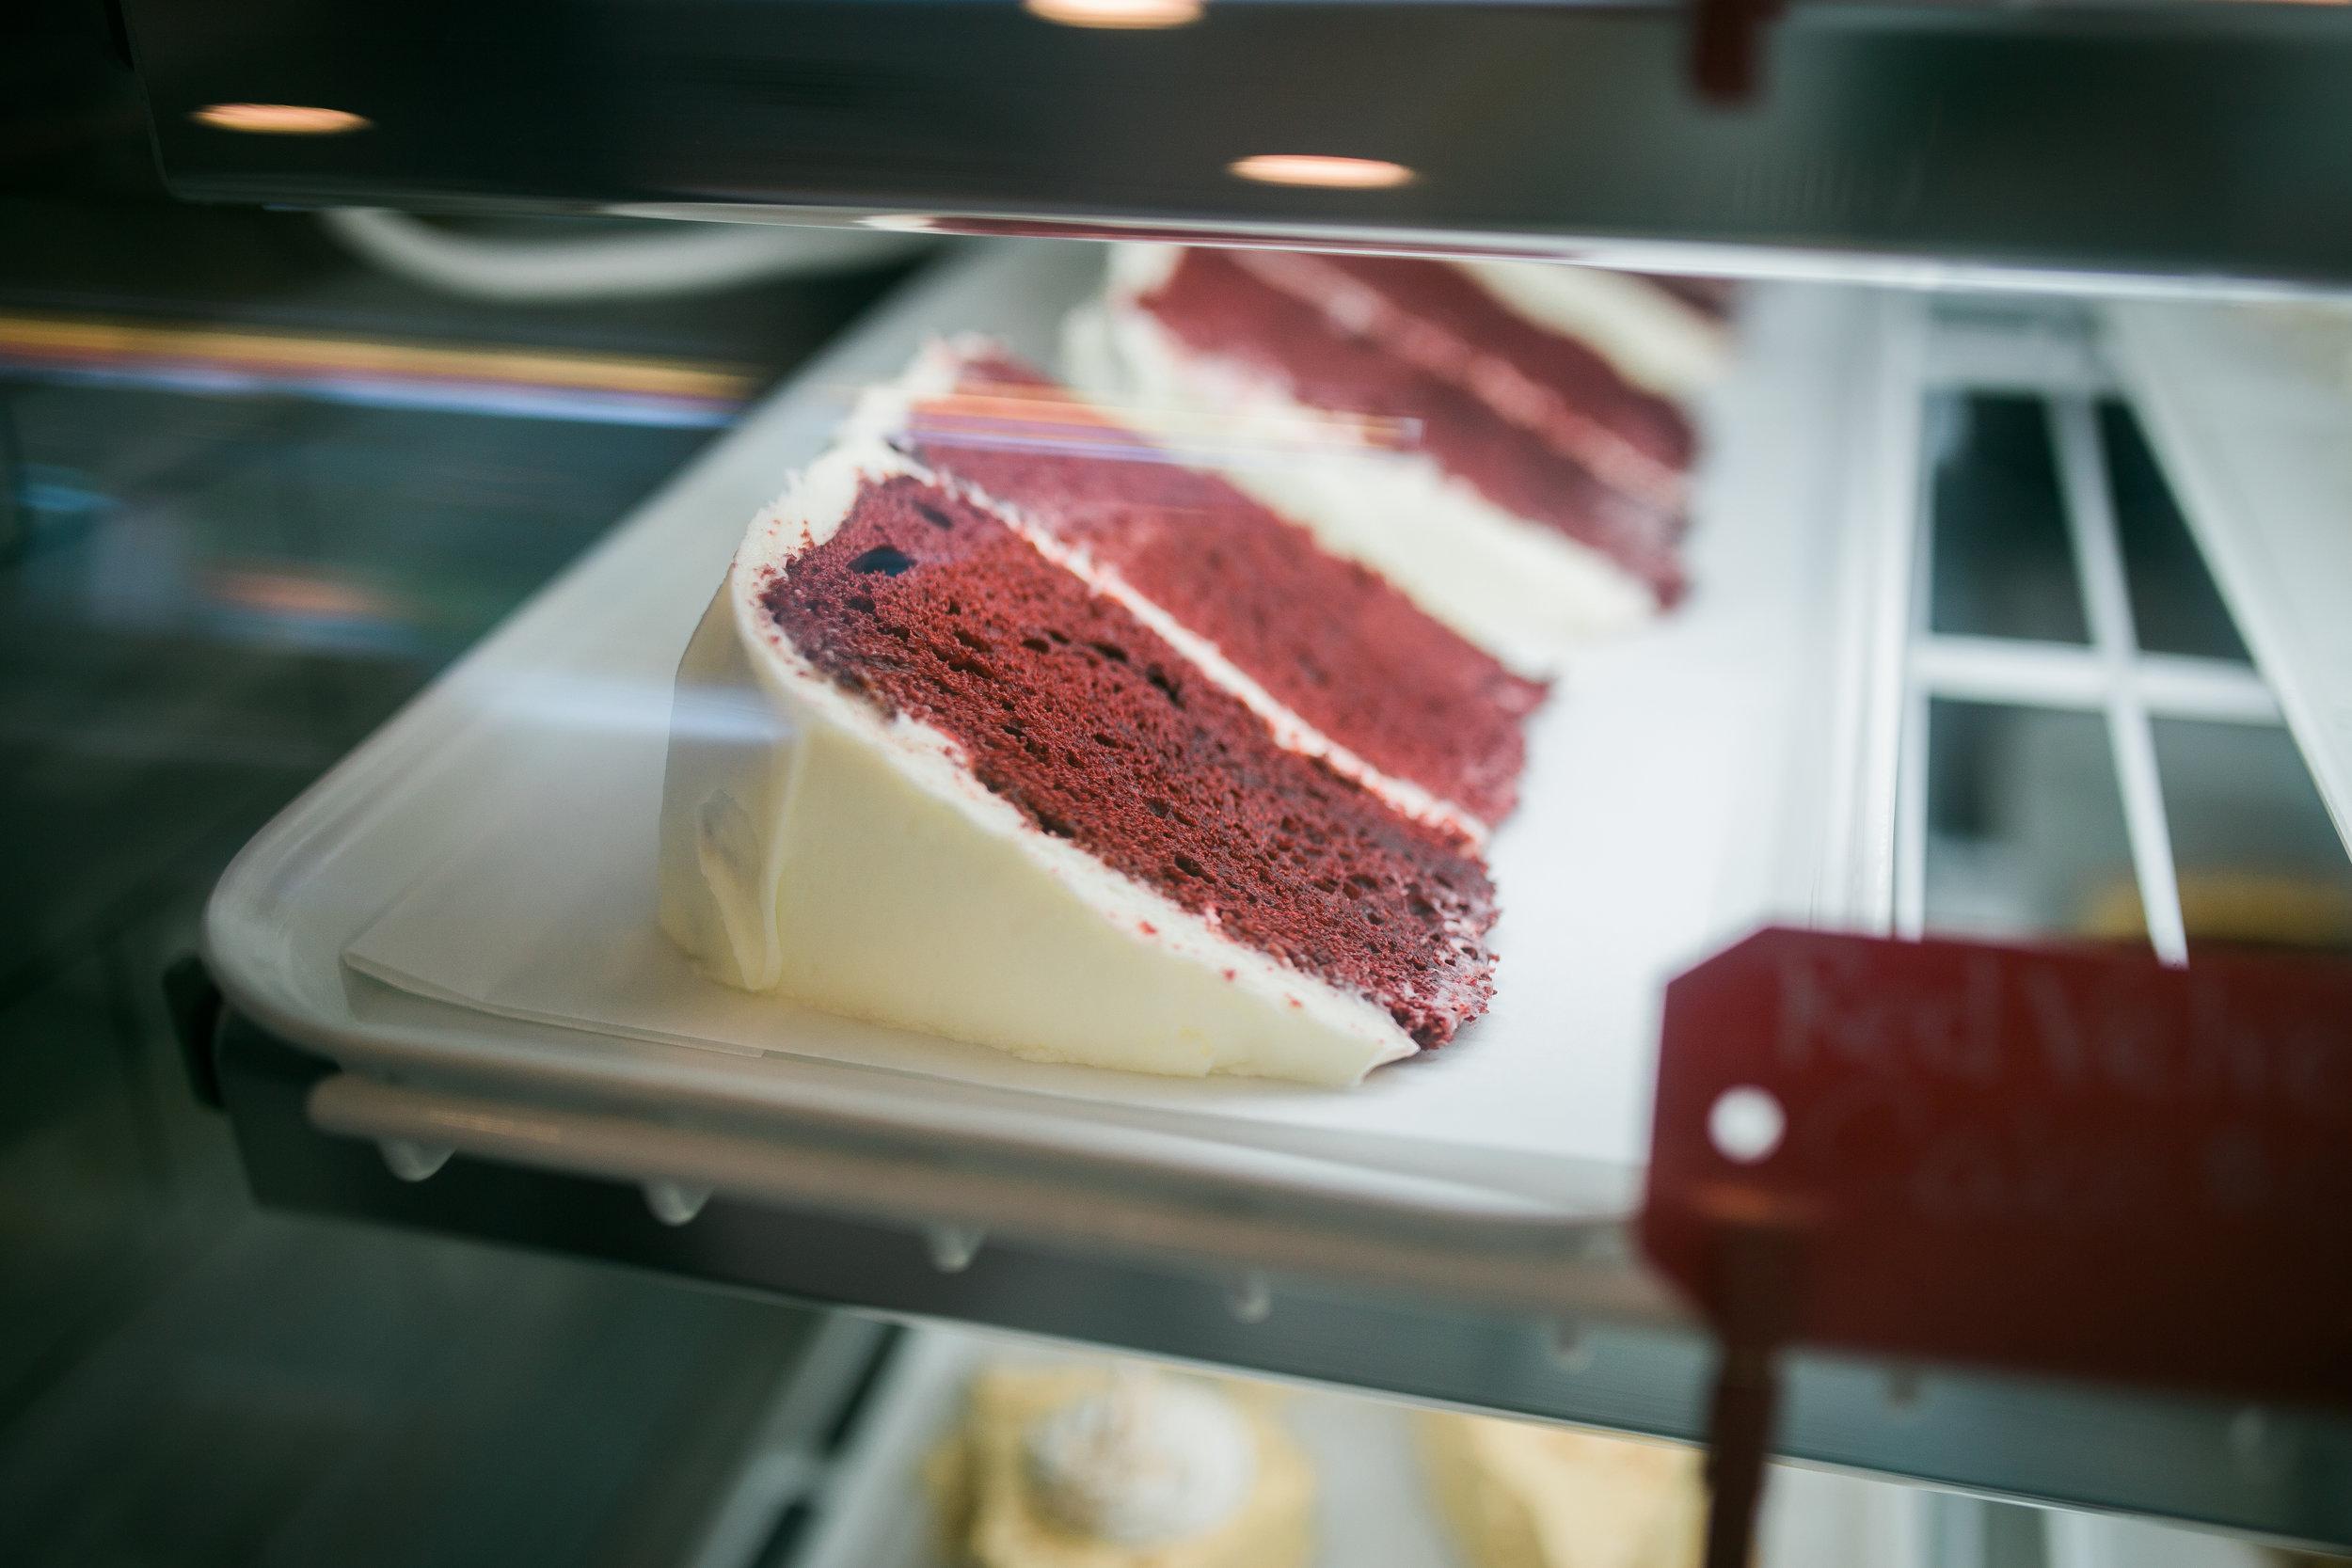 slices of red velvet cake inside a dessert display